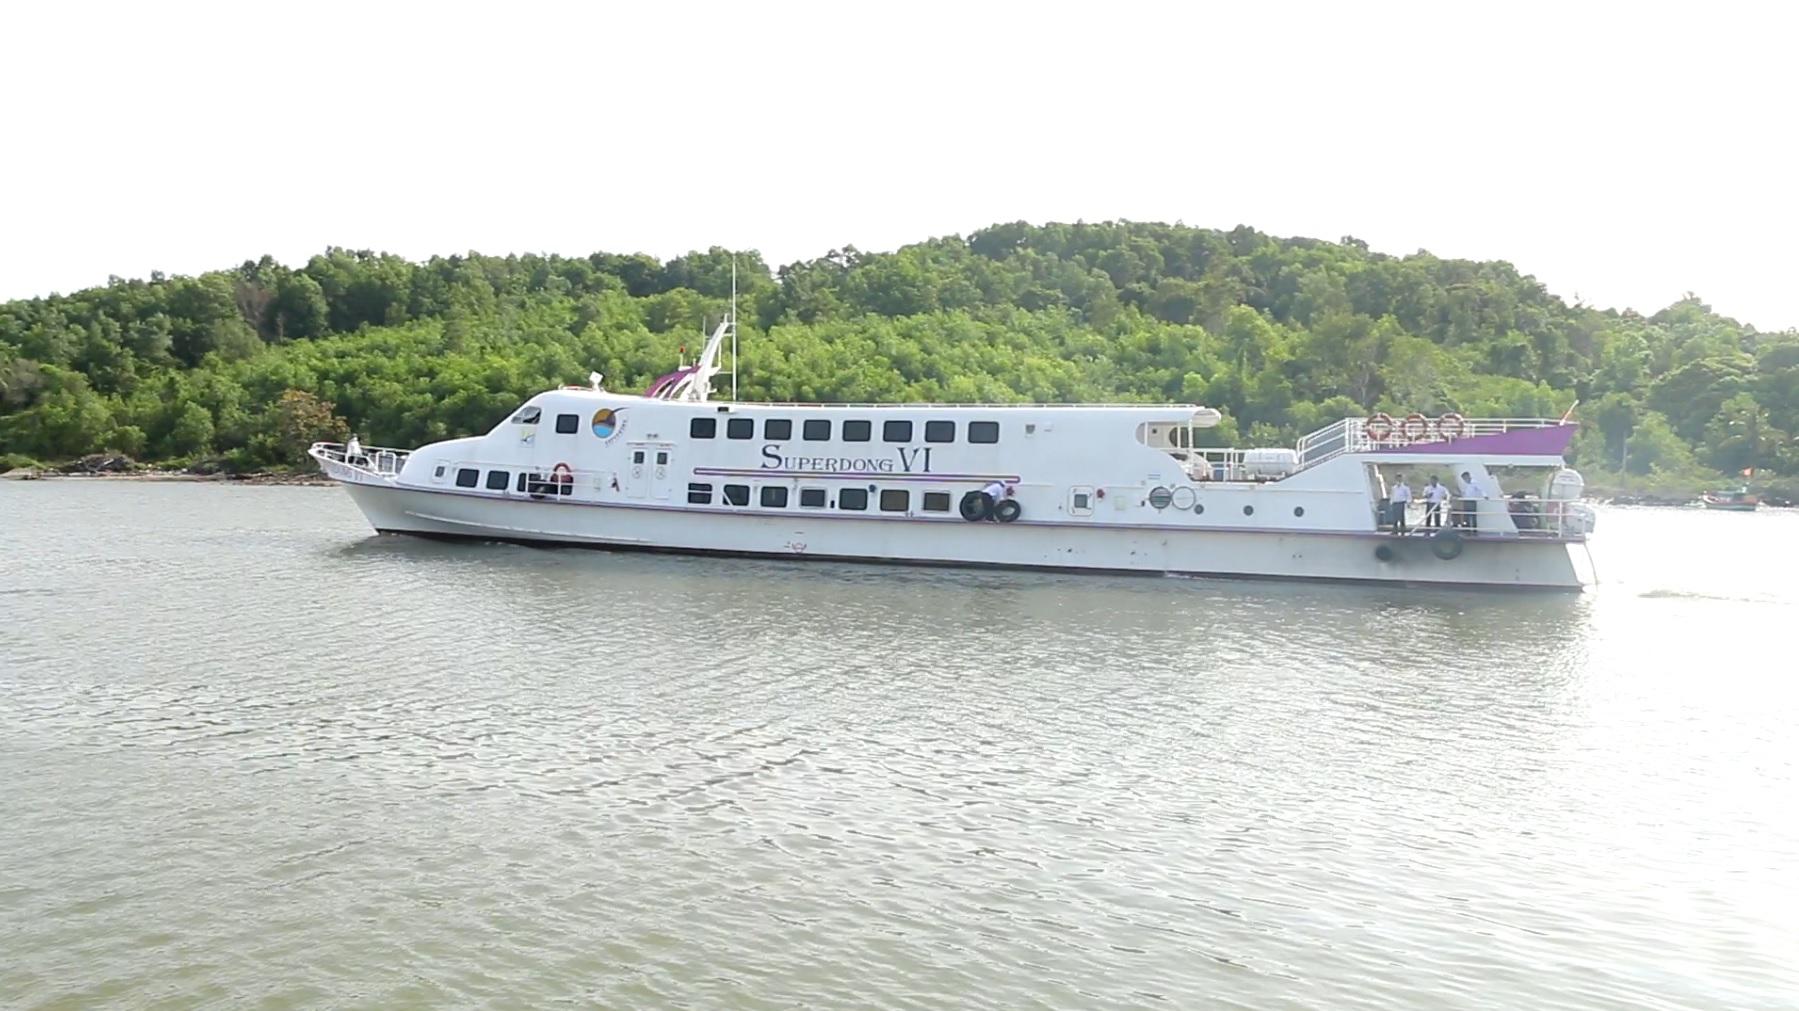 Cảng Vịnh Đầm: Cầu nối mới rút ngắn khoảng cách từ Quốc - Nam Du - Ảnh 1.